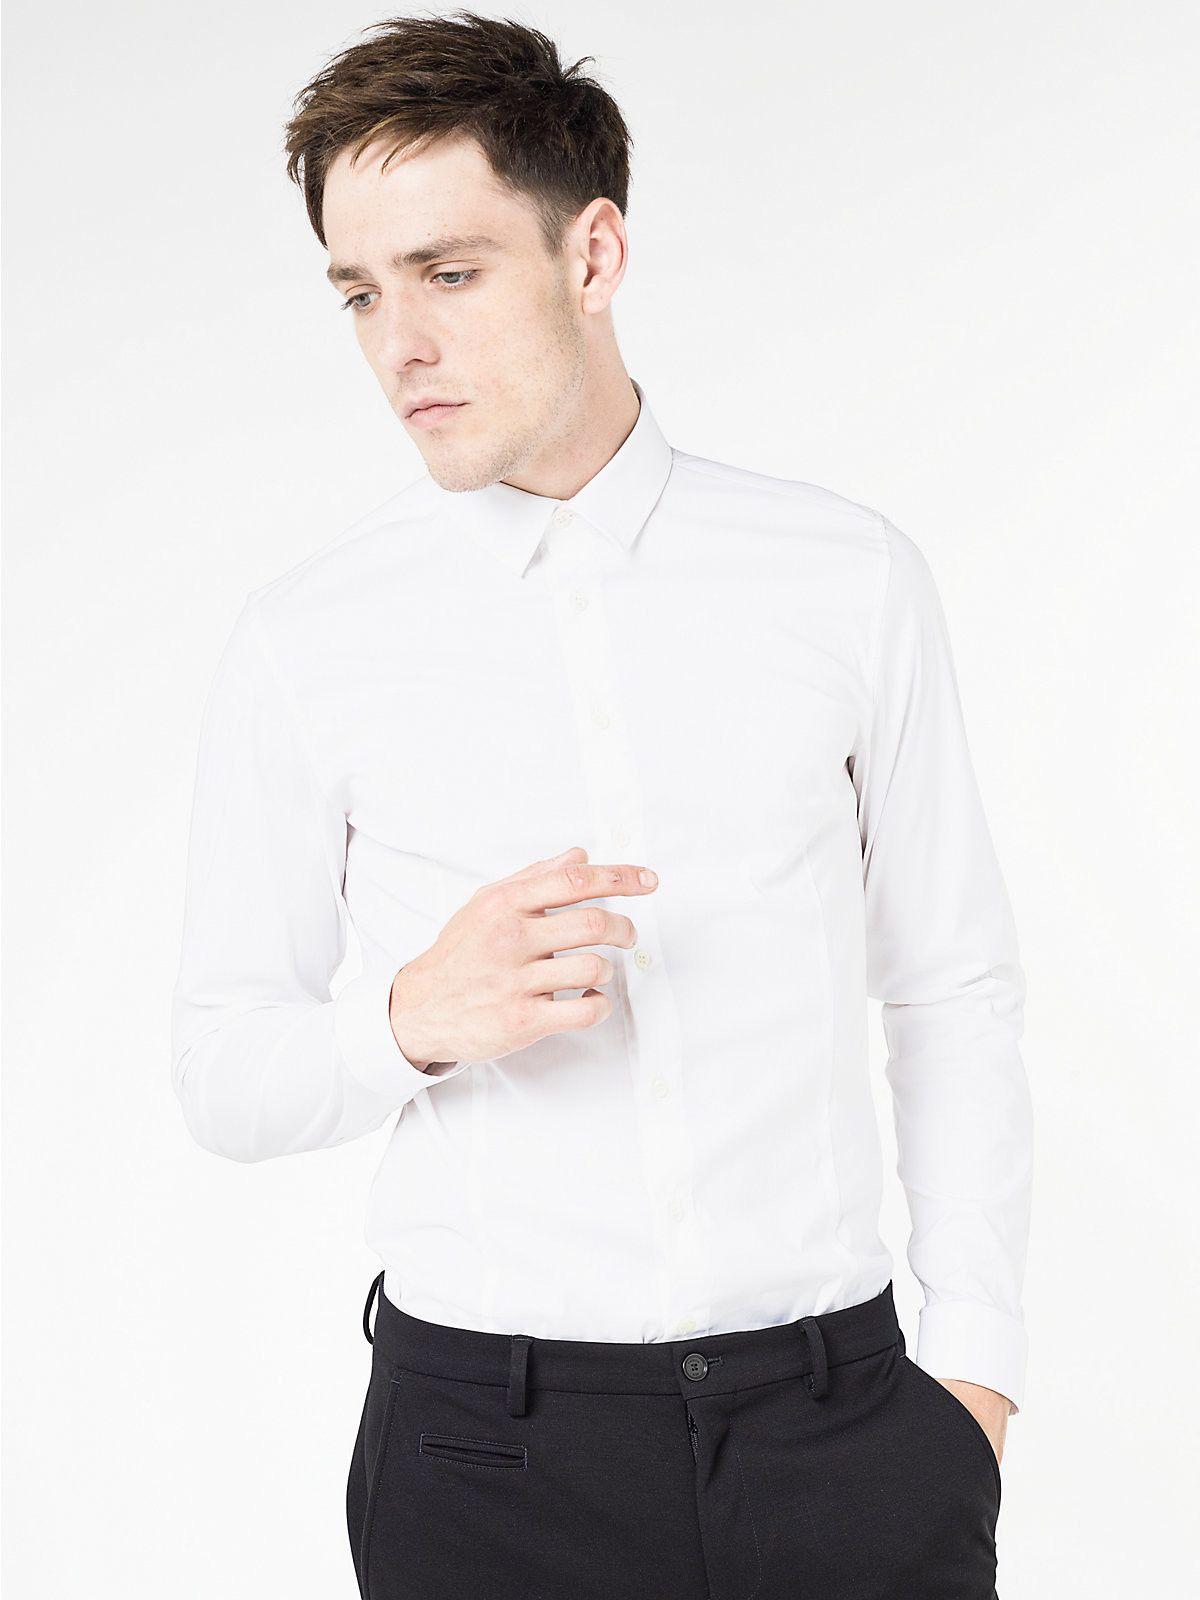 bdf5f9d8e3 -10% PATRIZIA PEPE CAMICIA STRETCH IN POPELINE DI COTONE WHITE |  Abbigliamento Uomo Maglieria | Shop Online: Boutique Irene & Mario